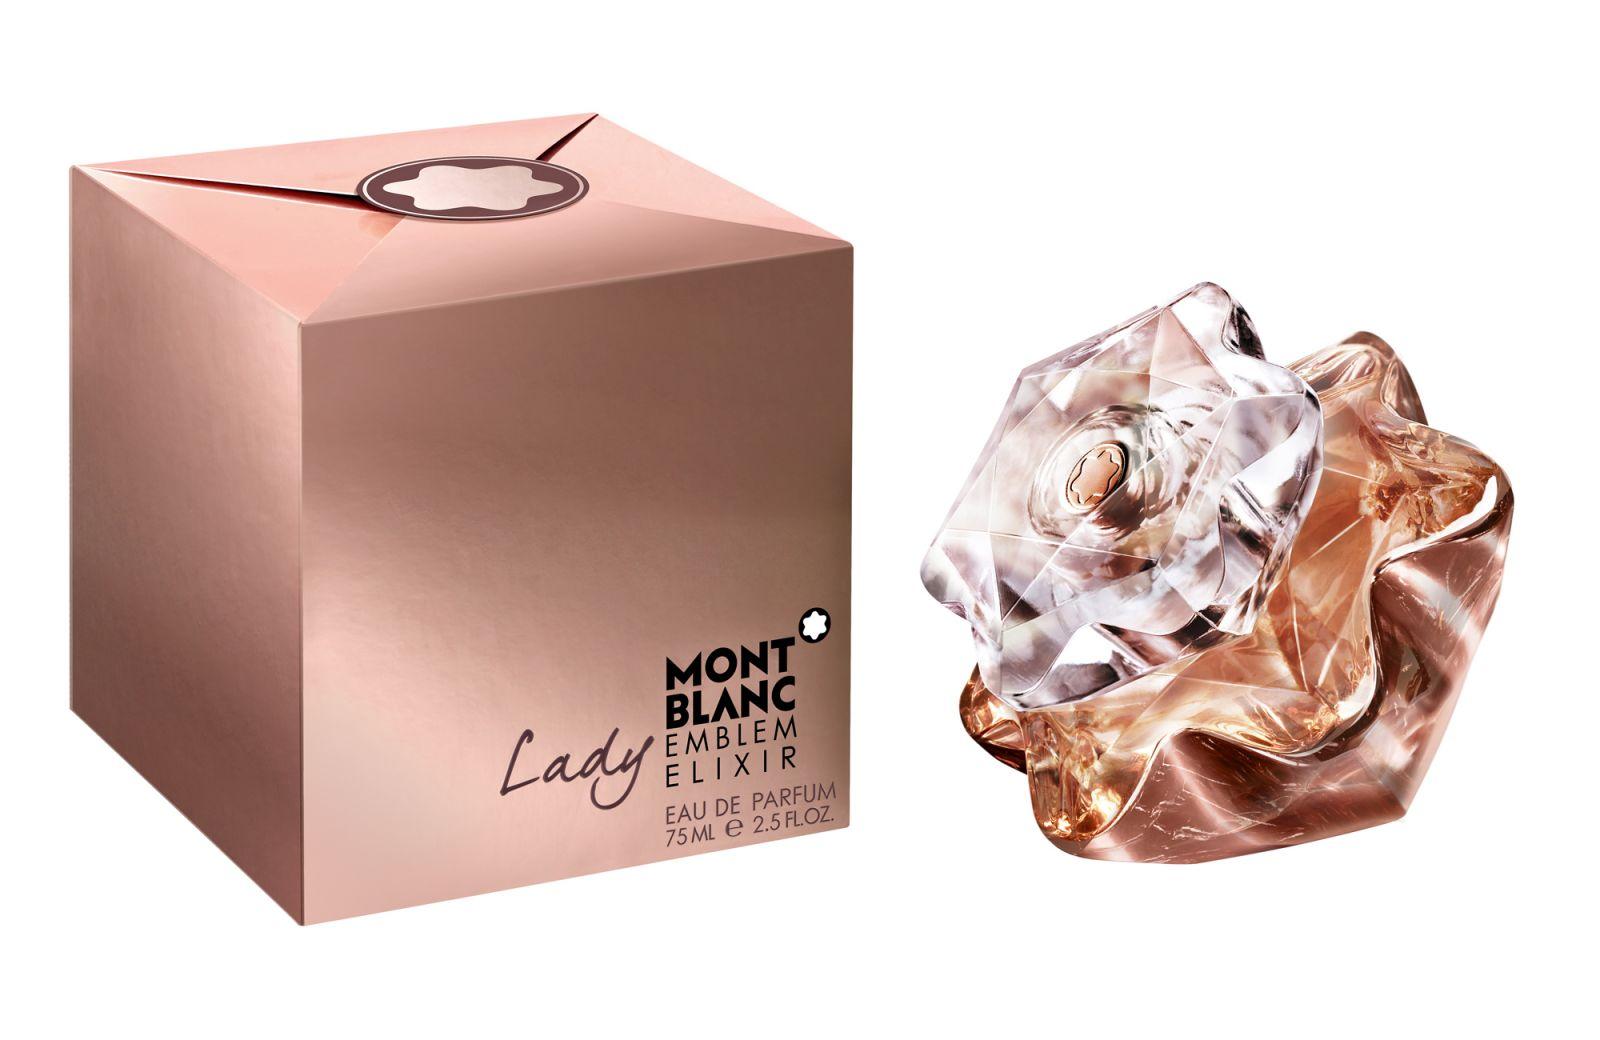 Чем пахнет новый аромат Montblanc Lady Emblem Elixir?